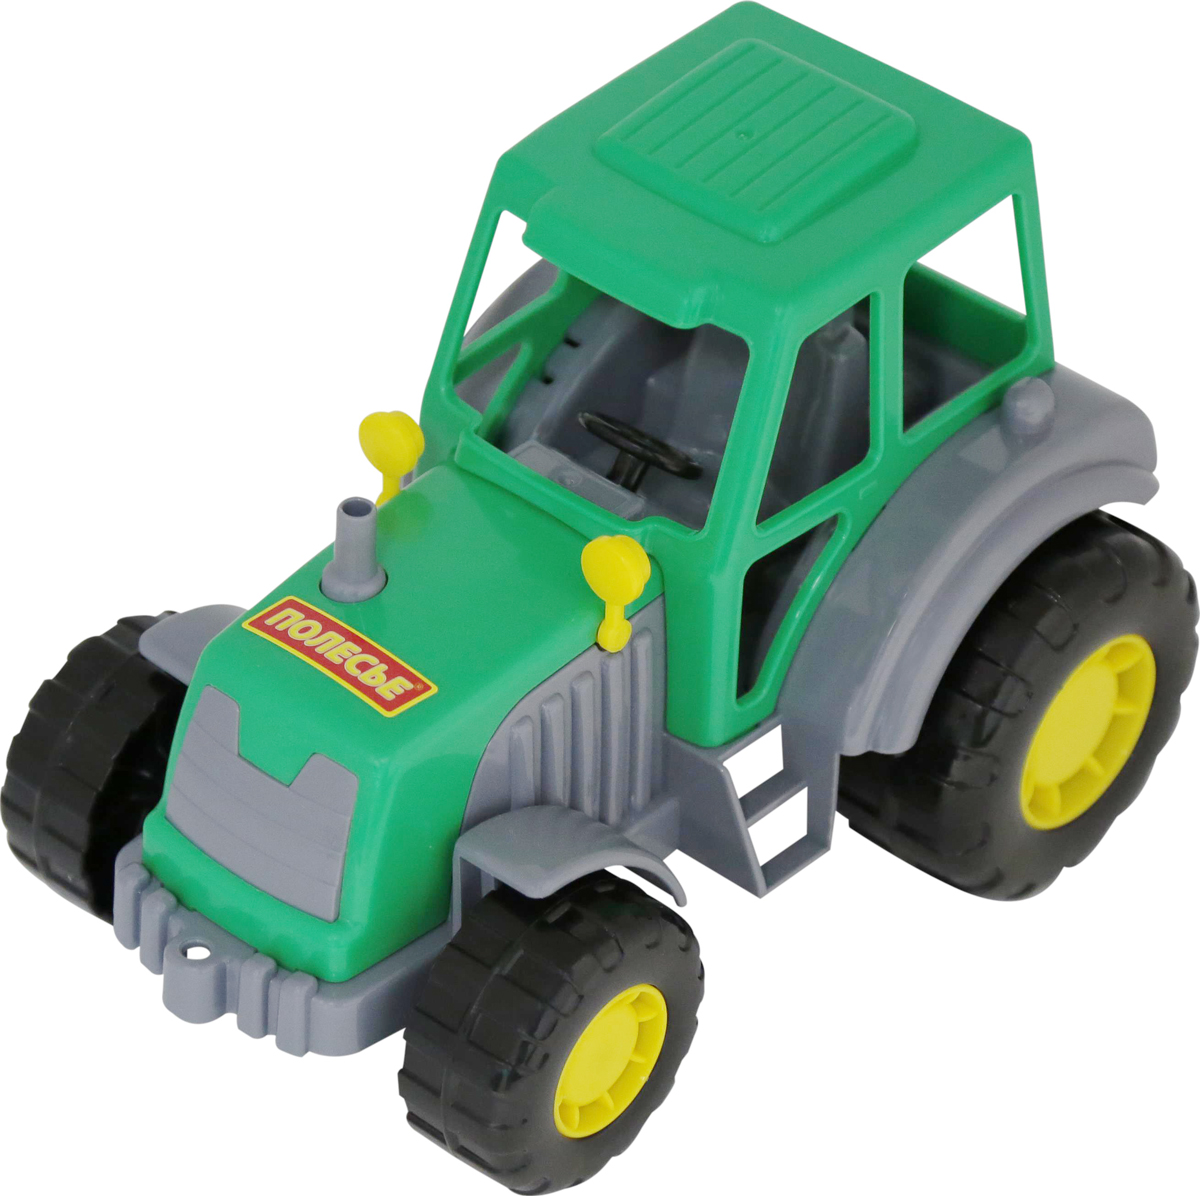 игрушки в песочницу Полесье Трактор Мастер, цвет в ассортименте